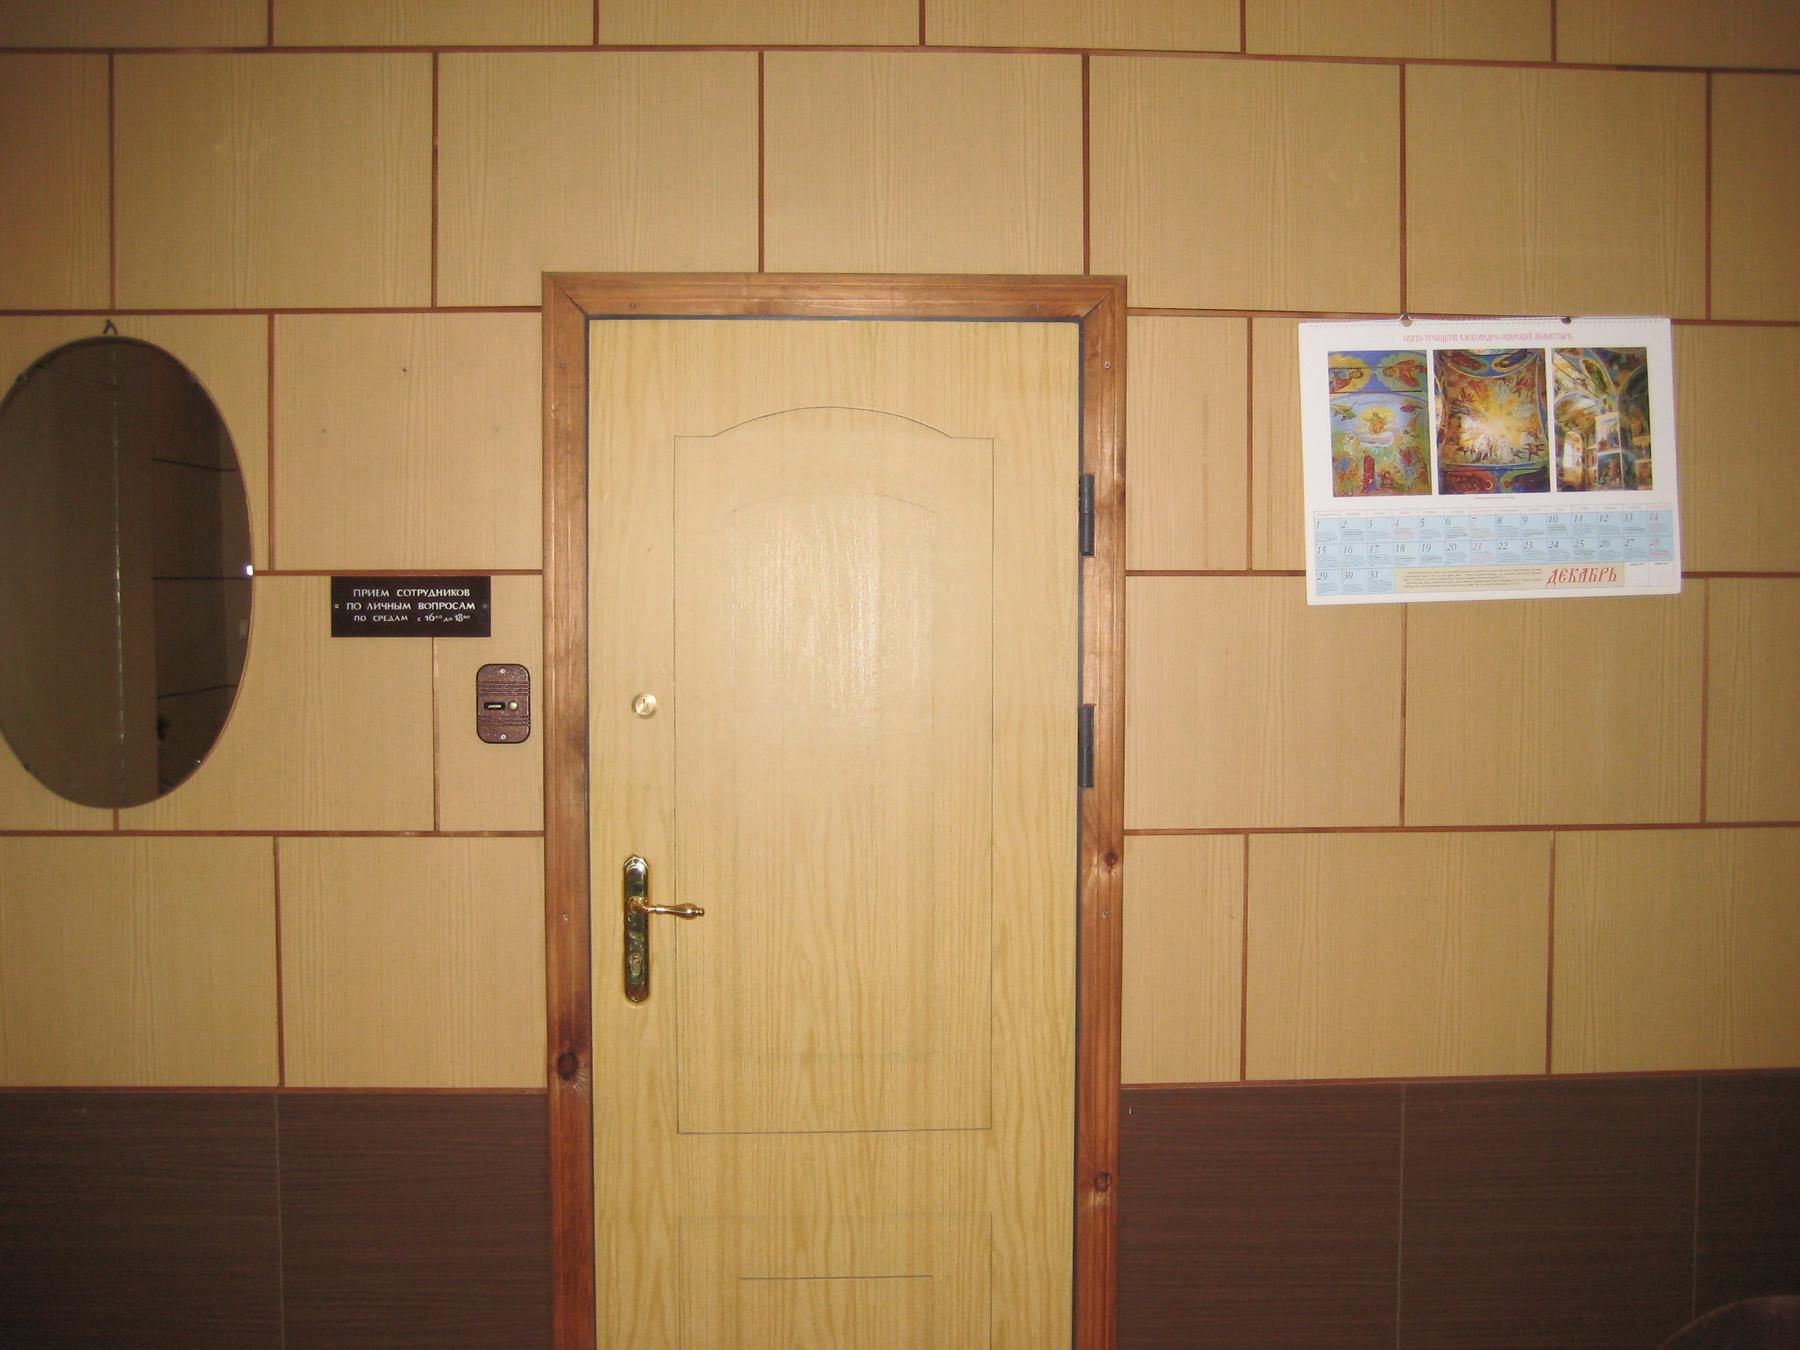 Кабинет начальника ФБУ ИК-6 (гор.Санкт-Петербург), с указанием времени приёма на табличке.